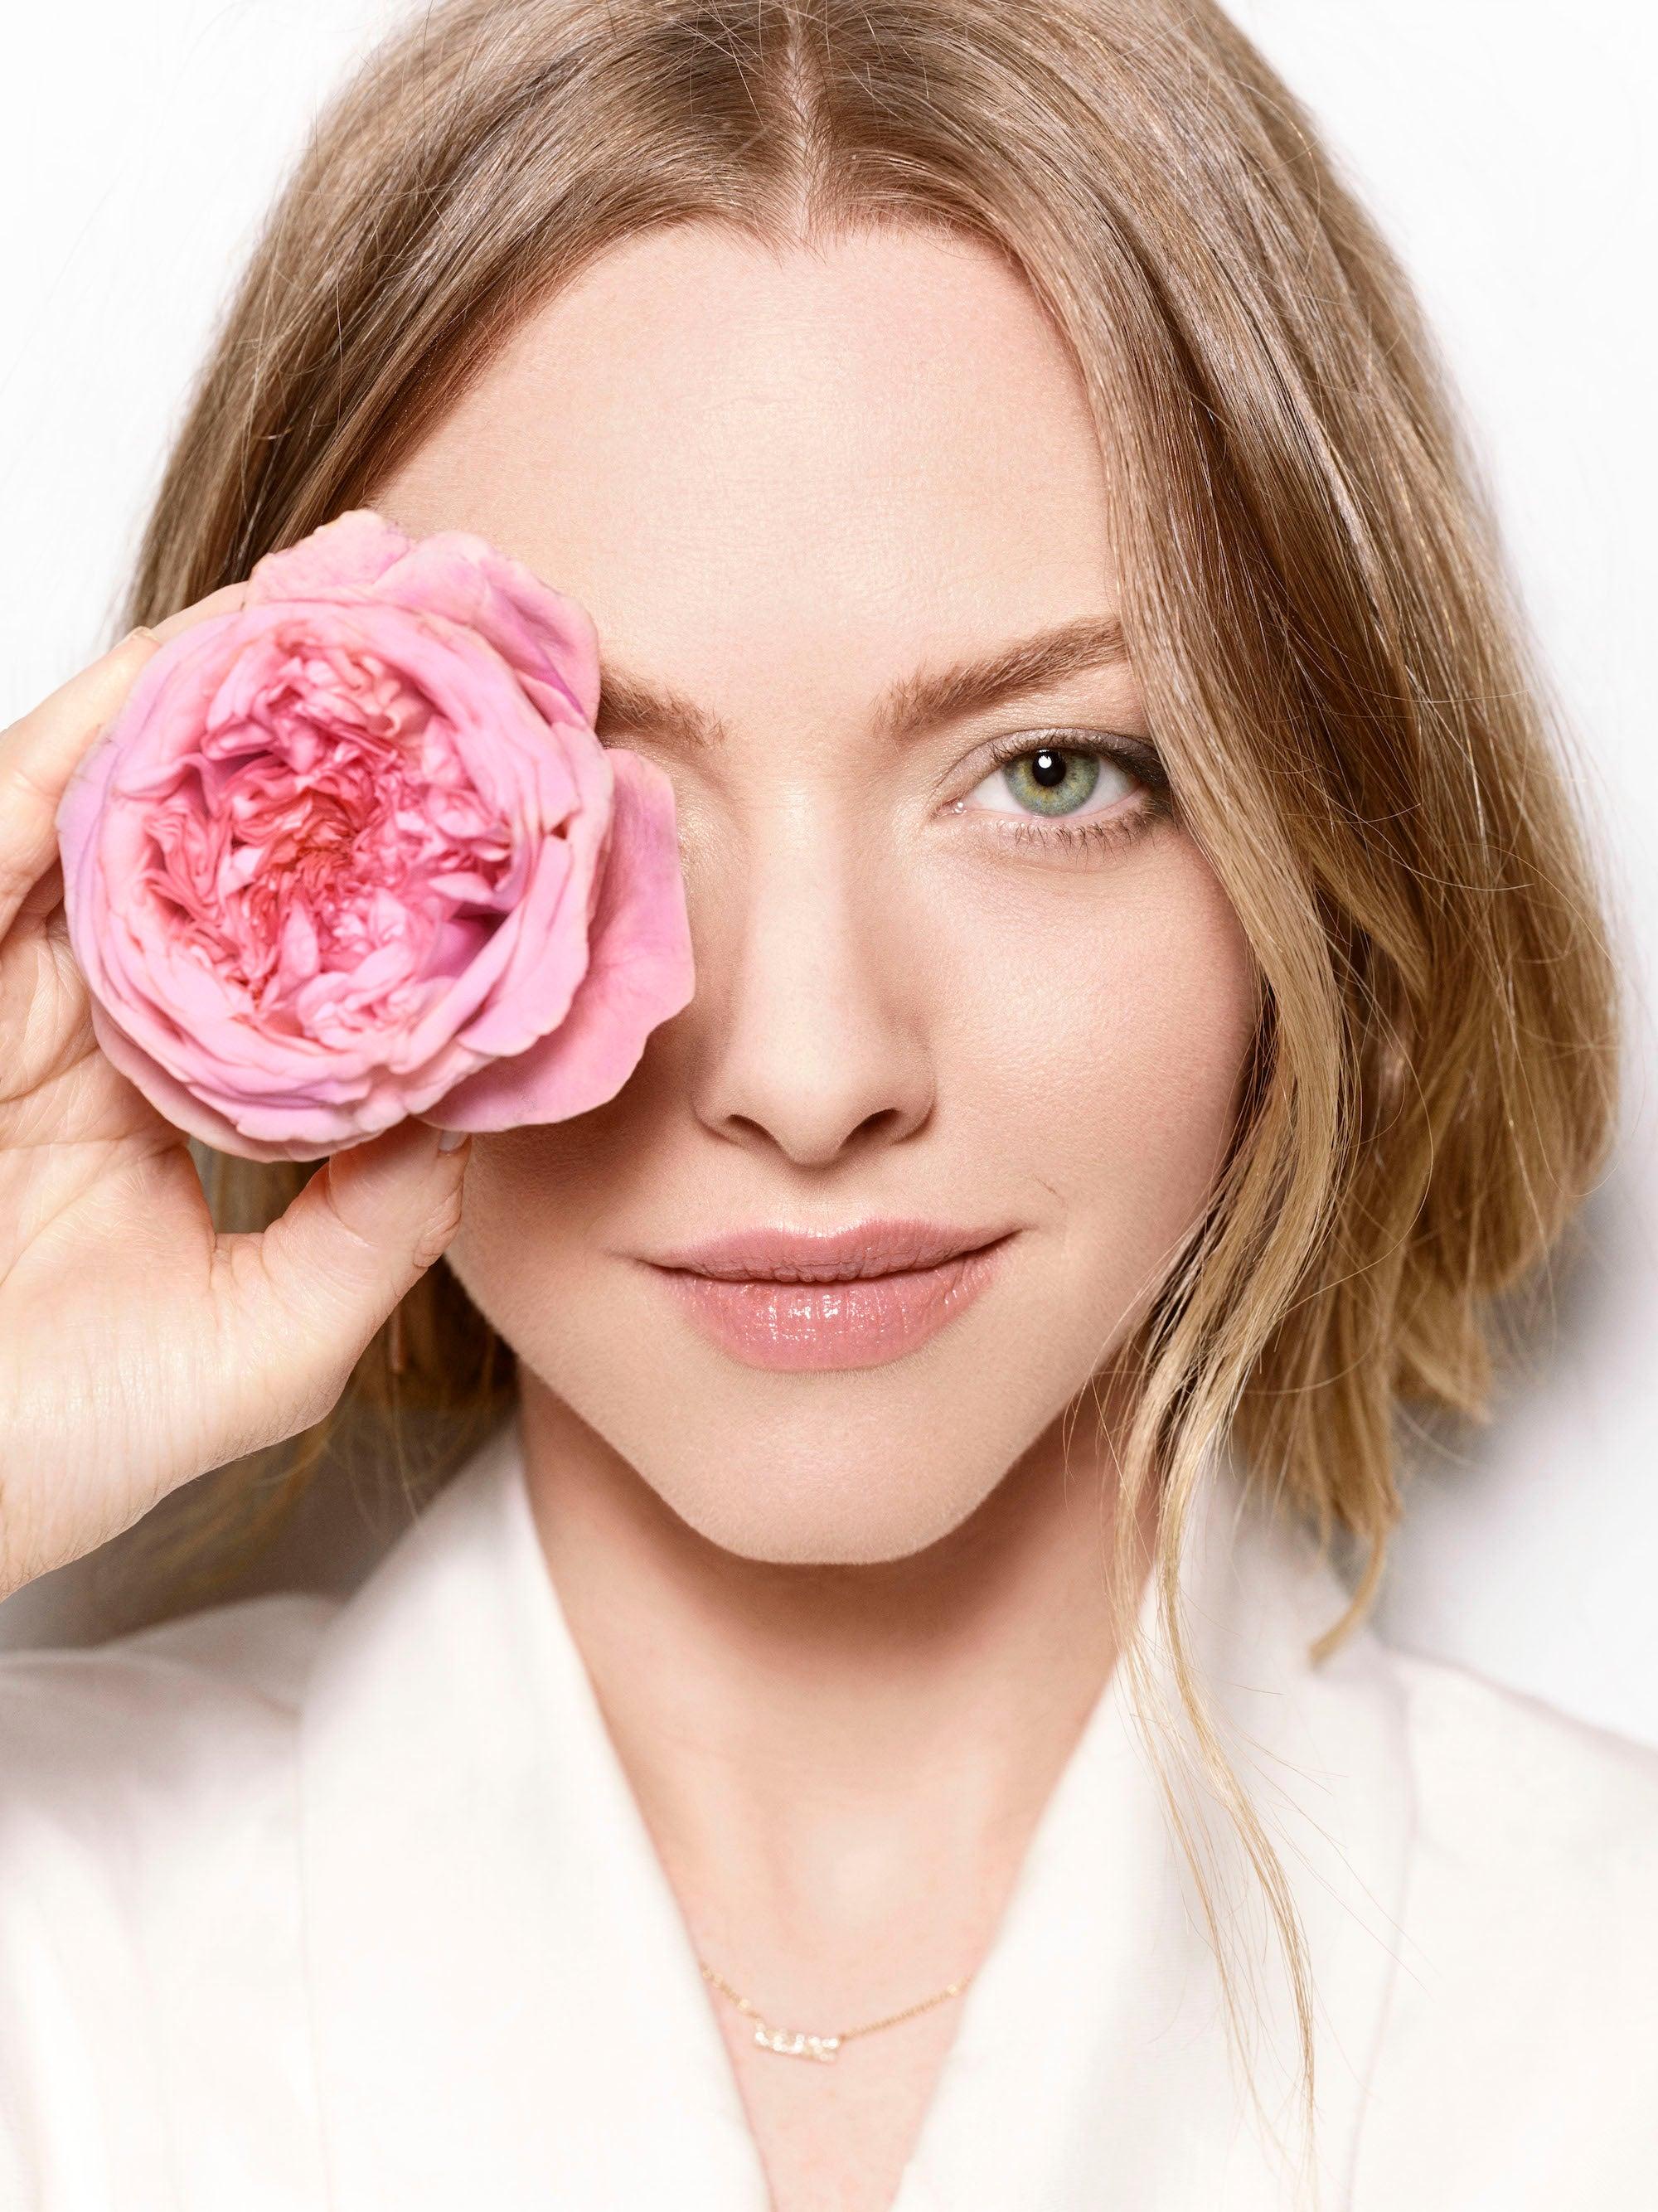 Schauspielerin Amanda Seyfried wird neue Lancôme-Botschafterin